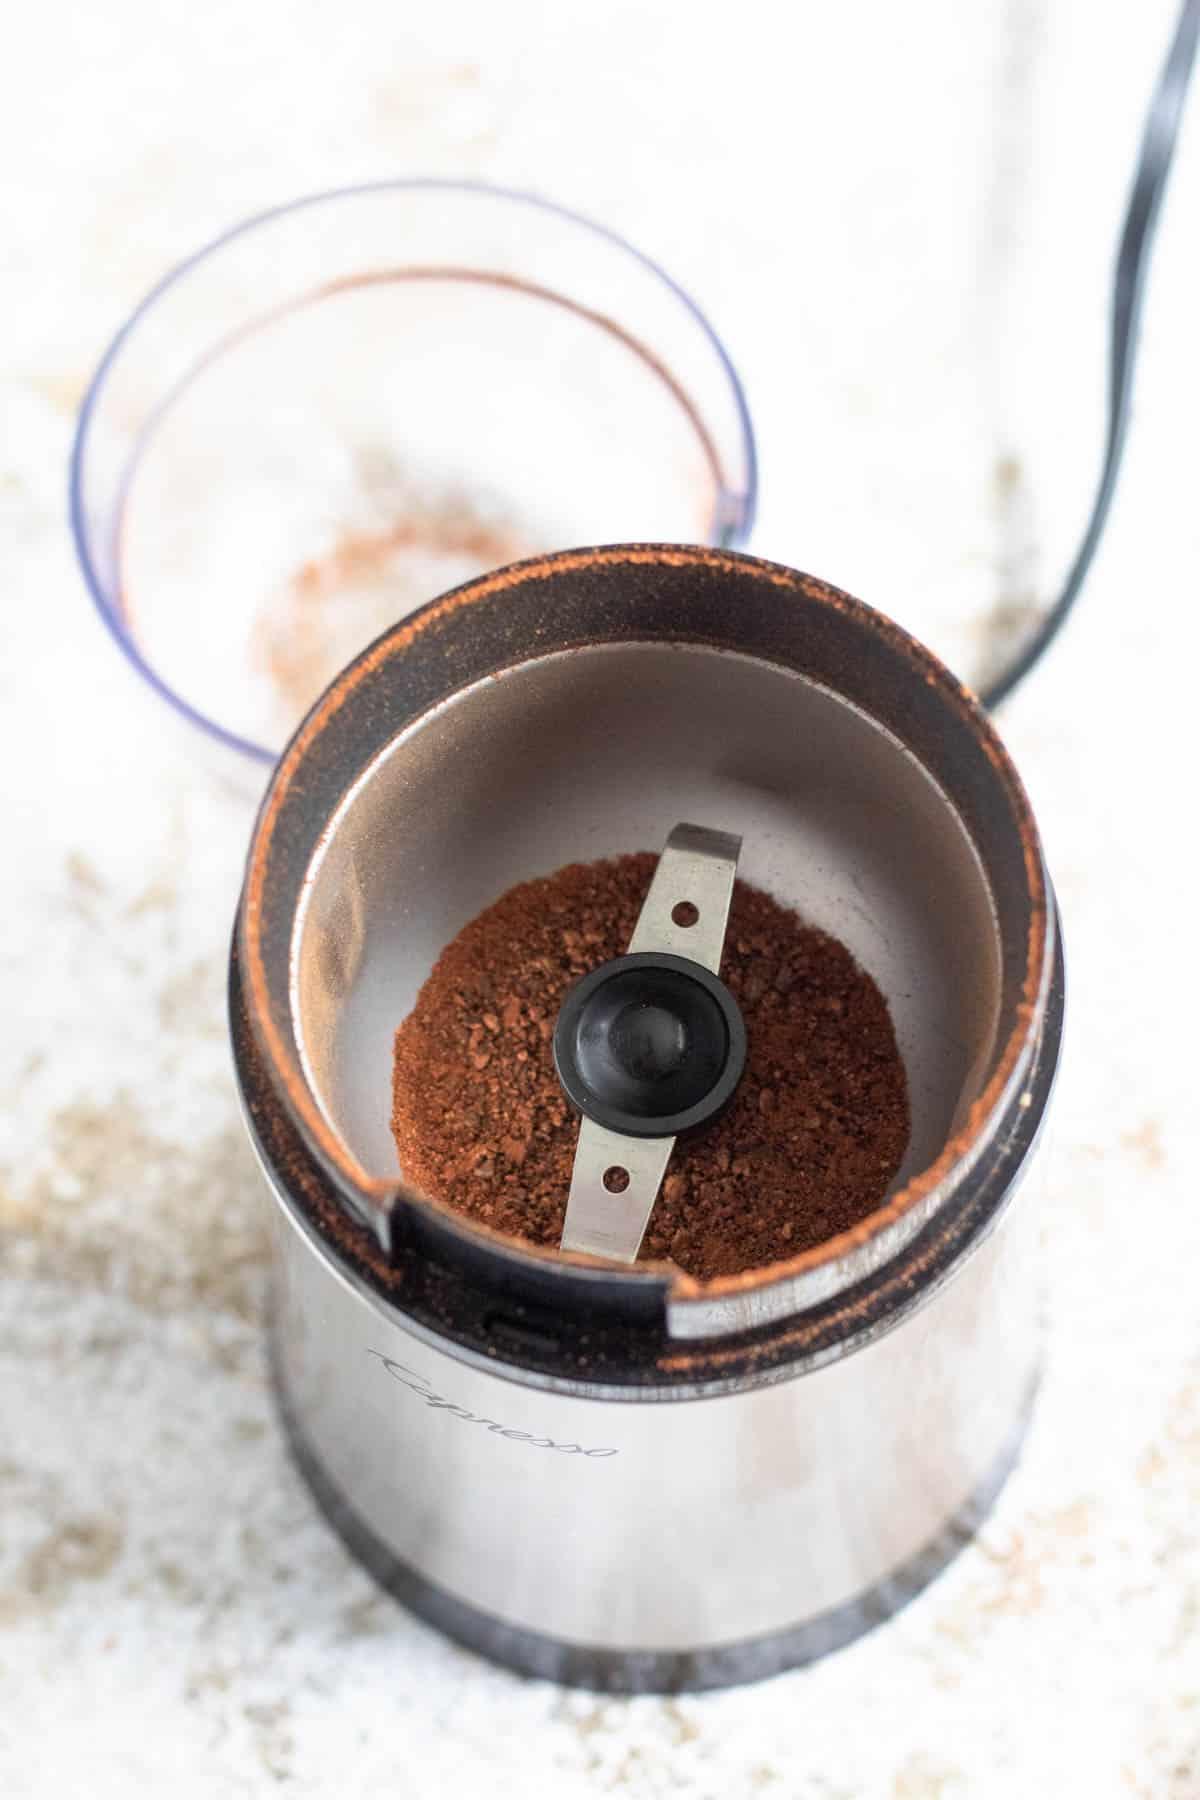 Ground cinnamon in a spice grinder